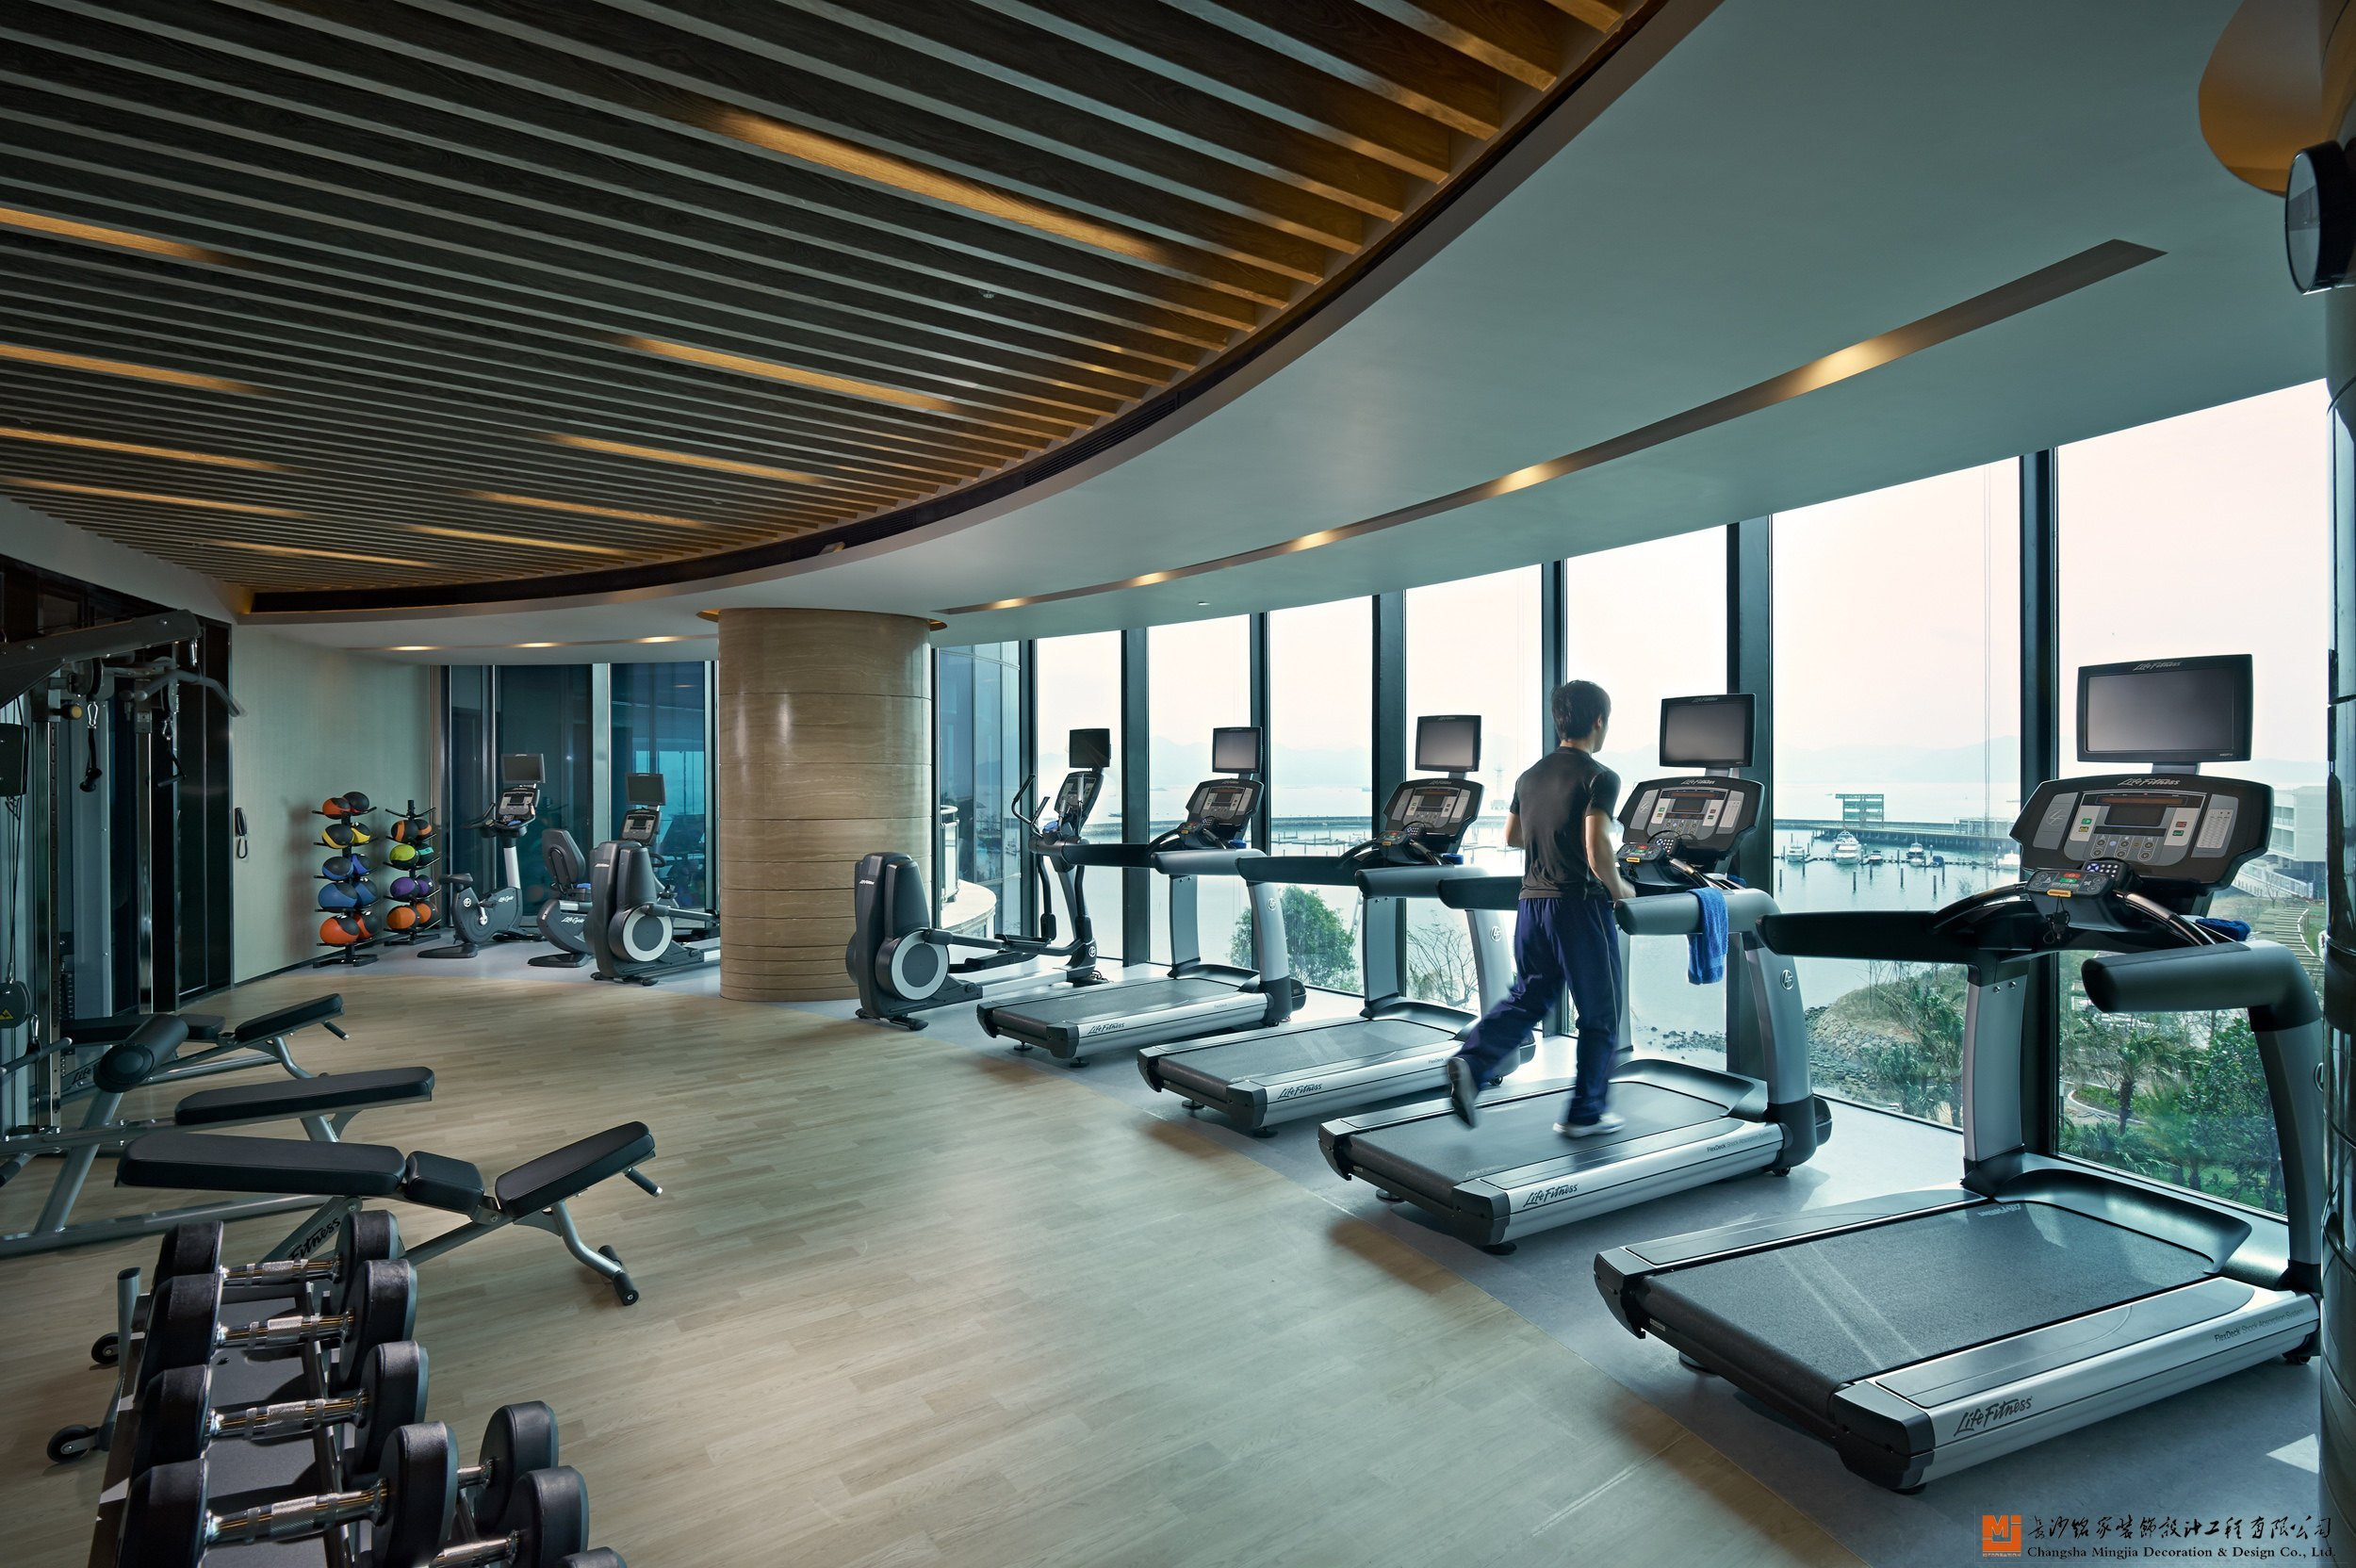 健身房怎么设计比较好?几个健身房装修设计要点